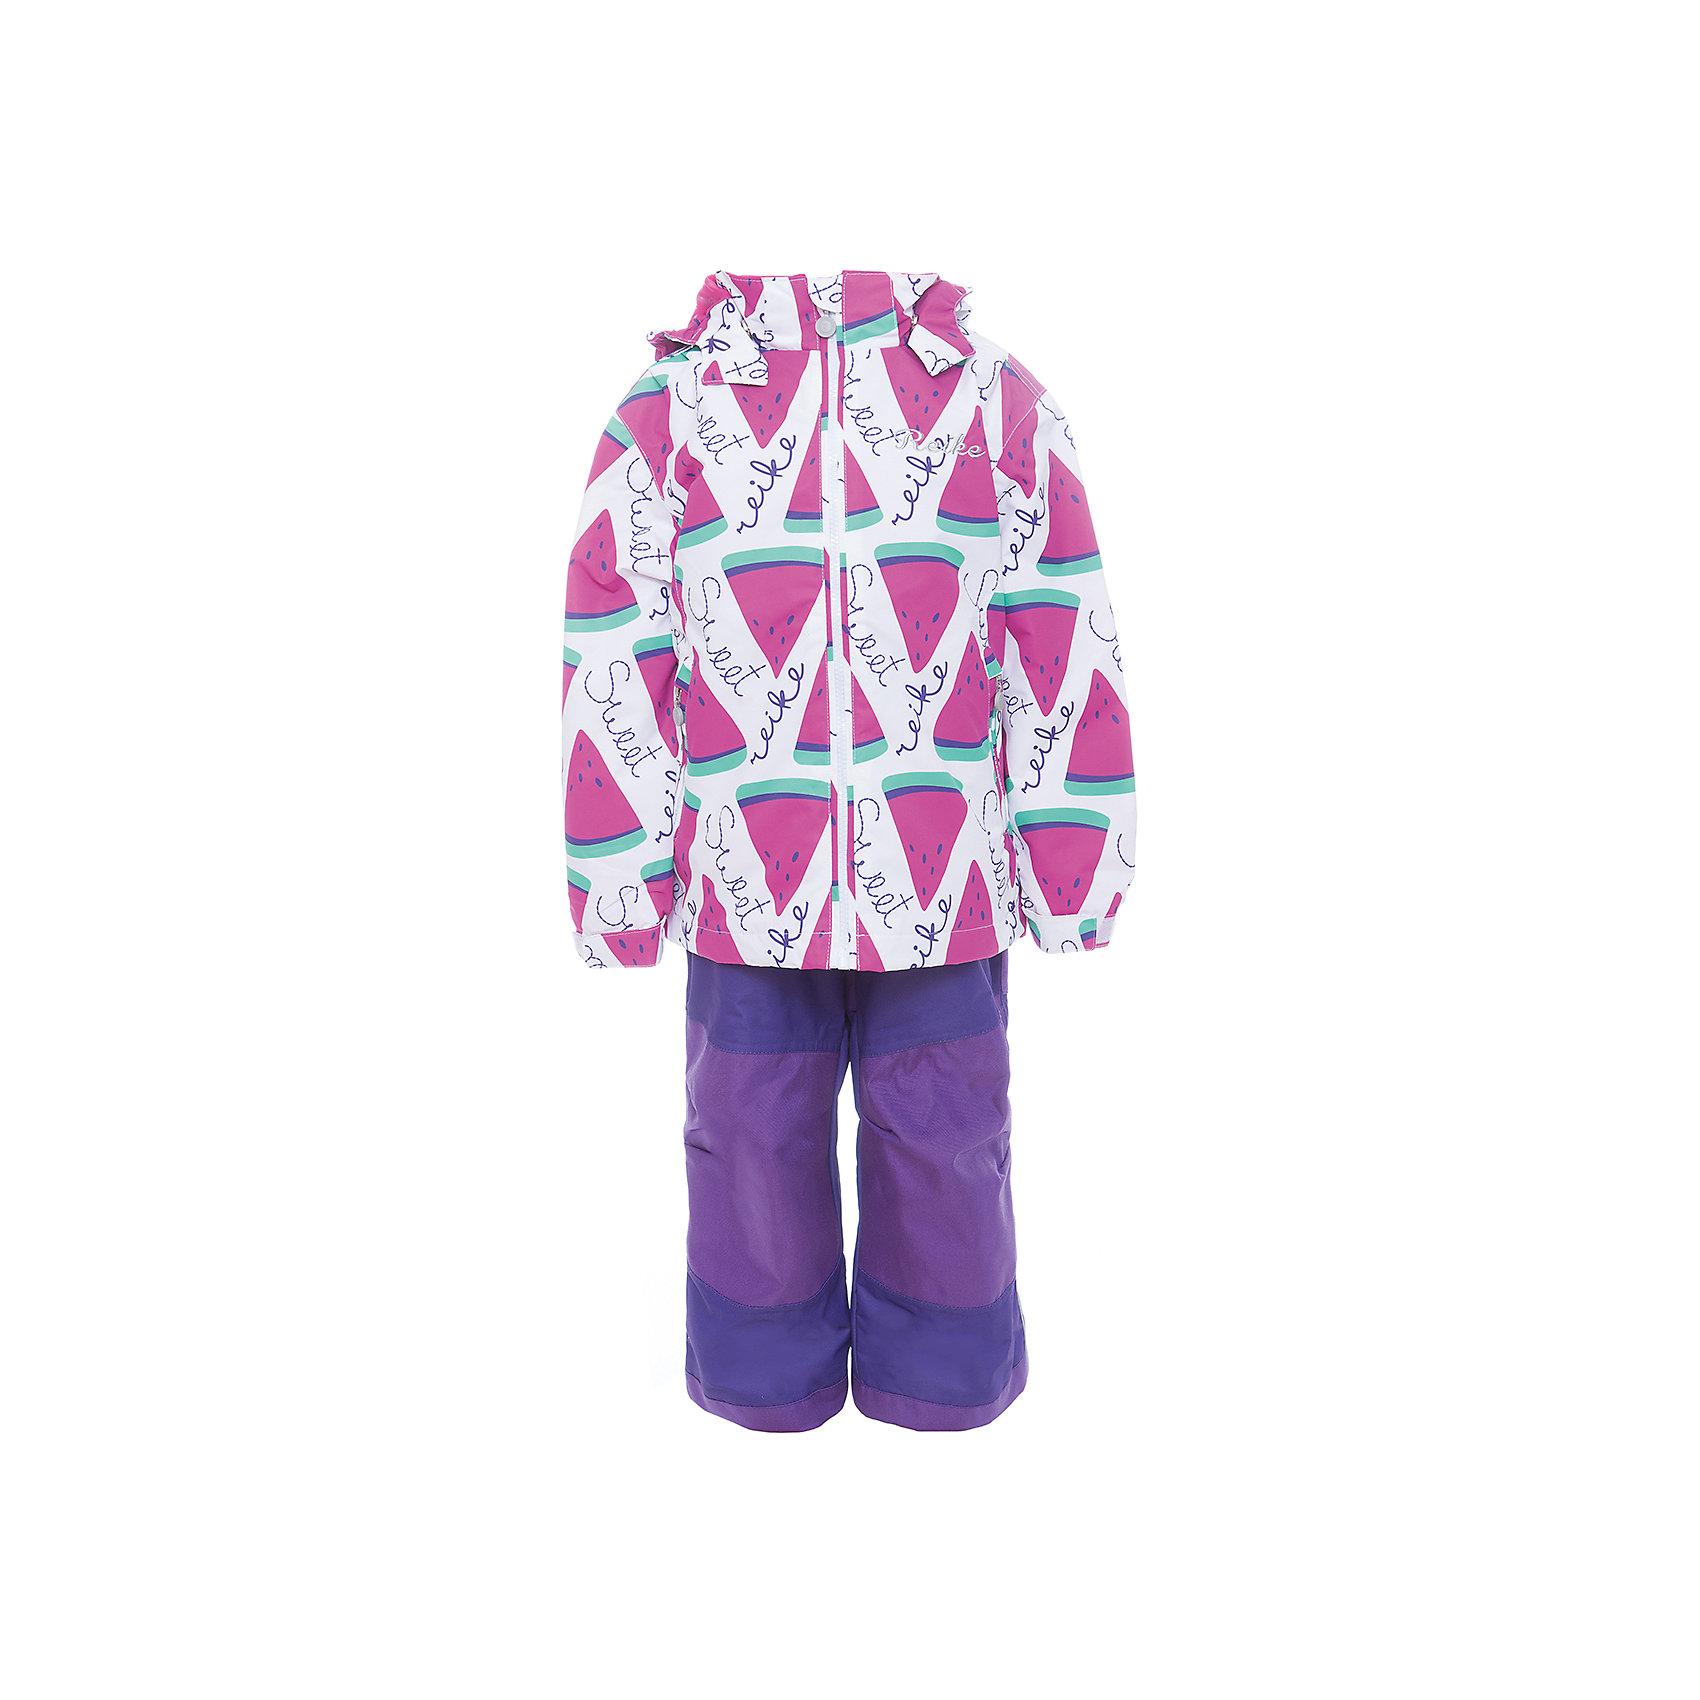 Комплект Reike для девочкиОдежда<br>Характеристики товара:<br><br>• цвет: белый/фиолетовый/розовый<br>• состав: 100% полиэстер<br>• подкладка - 100% полиэстер (микрофлис)<br>• без утеплителя<br>• температурный режим: от +5° С до +15° С<br>• из ветрозащитного, водонепроницаемого материала<br>• мембранная технология позволяет телу дышать<br>• воздухопроницаемость: 3000гр/м2/24 ч<br>• водоотталкивающее покрытие: 5000 мм<br>• износостойкость: 50 000 (тест Мартиндейла)<br>• внутренняя ветрозащитная планка со светоотражающей полоской вдоль молнии не допускает проникновения холодного воздуха<br>• все швы проклеены<br>• съёмный регулируемый капюшон с полоской светоотражателя<br>• куртка с двумя карманами на молнии<br>• утяжка по низу куртки<br>• завышенная талия брюк и регулируемые подтяжки гарантируют посадку по фигуре<br>• колени, задняя поверхность бедер и низ брюк дополнительно упрочнены сверхпрочным материалом<br>• полукомбинезон оснащен светоотражателями, двумя боковыми карманами на молнии и регулятором длины<br>• манжеты рукавов на резинке дополнительно регулируются липучками<br>• страна бренда: Финляндия<br><br>Демисезонная одежда может быть очень красивой и удобной! Новая коллекция от известного финского производителя Reike отличается ярким дизайном, продуманностью и комфортом! Эта модель разработана специально для детей - она учитывает особенности их физиологии, а также новые тенденции в европейской моде. Стильная и удобная вещь!<br><br>Комплект для девочки от популярного бренда Reike можно купить в нашем интернет-магазине.<br><br>Ширина мм: 215<br>Глубина мм: 88<br>Высота мм: 191<br>Вес г: 336<br>Цвет: белый<br>Возраст от месяцев: 84<br>Возраст до месяцев: 96<br>Пол: Женский<br>Возраст: Детский<br>Размер: 128,104,110,116,122<br>SKU: 5429981